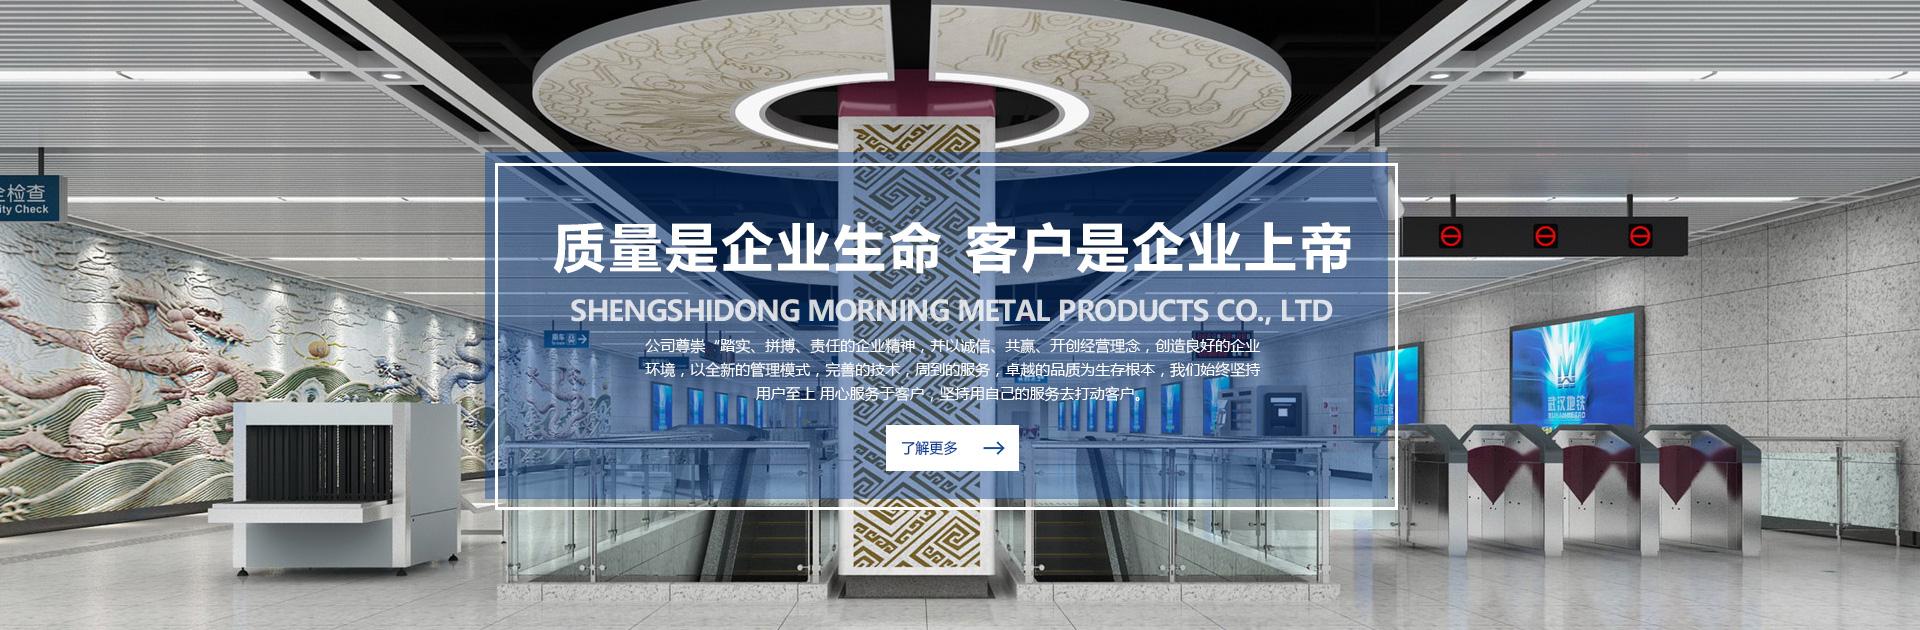 河南铝单板厂家_河南铝单板_河南铝单板生产厂家